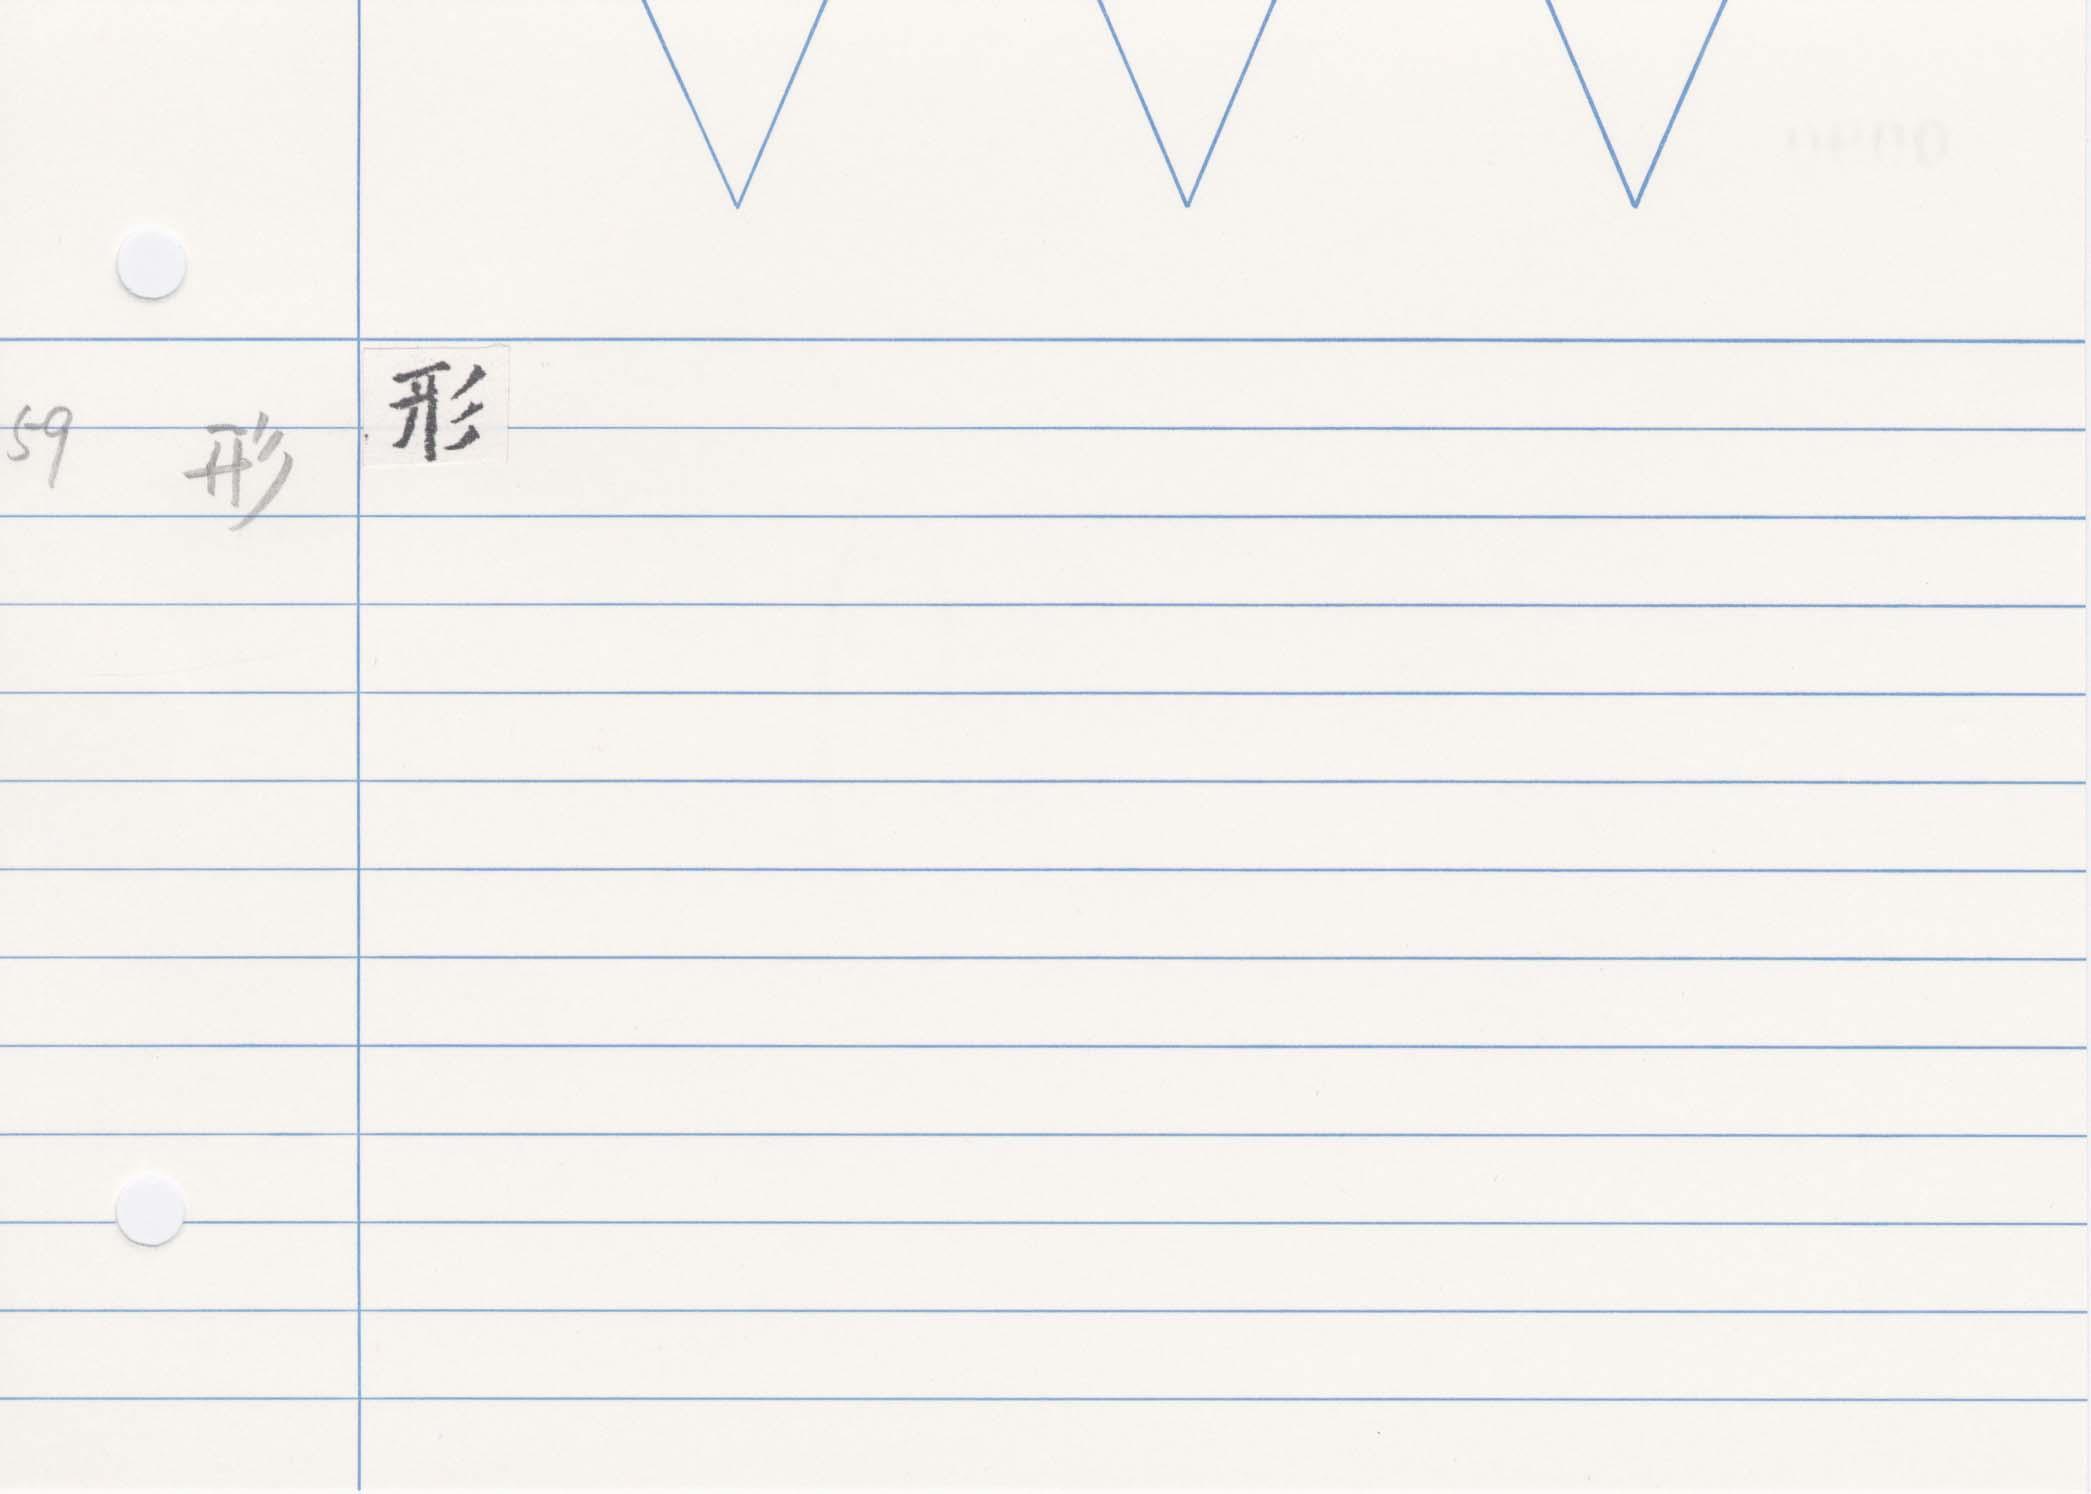 26_齊民要術卷五(高山寺本)/cards/0090.jpg